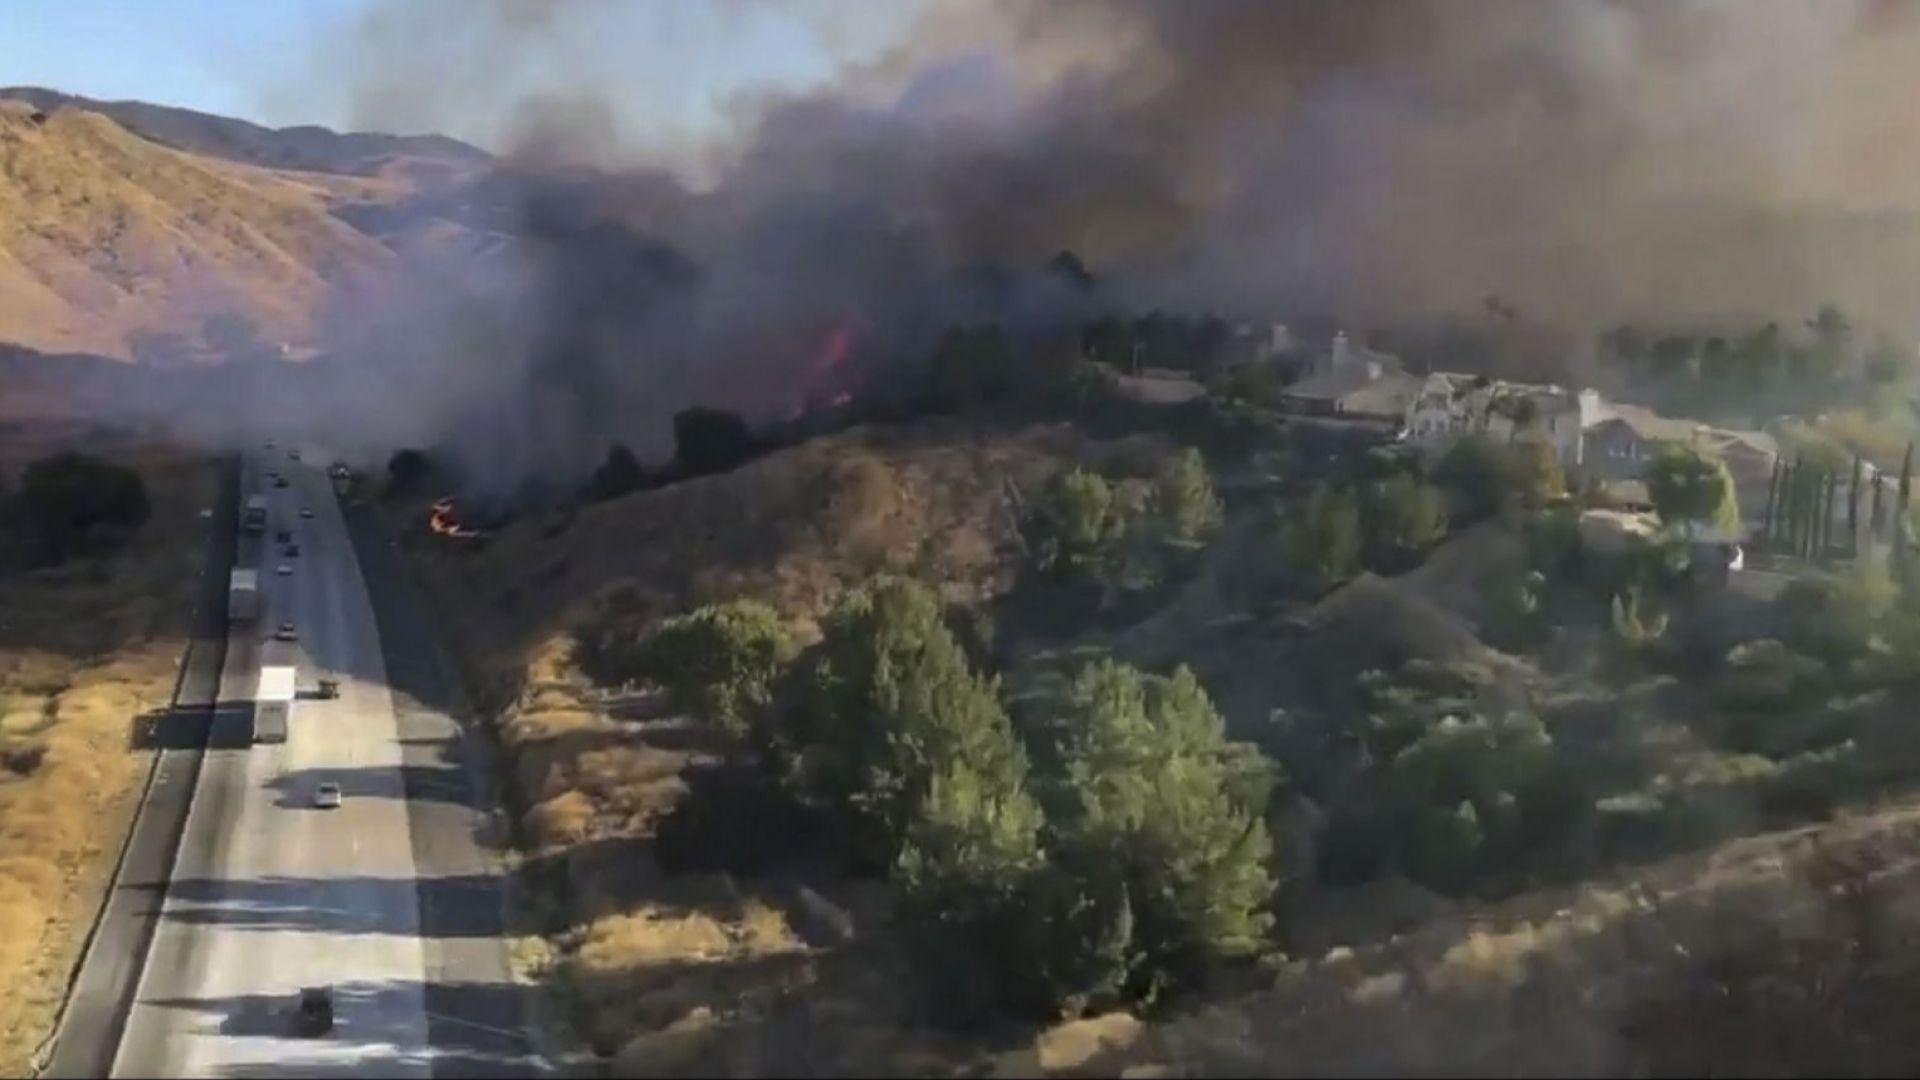 Десетки хиляди бягат от домовете си зарадигорските пожари в Калифорния